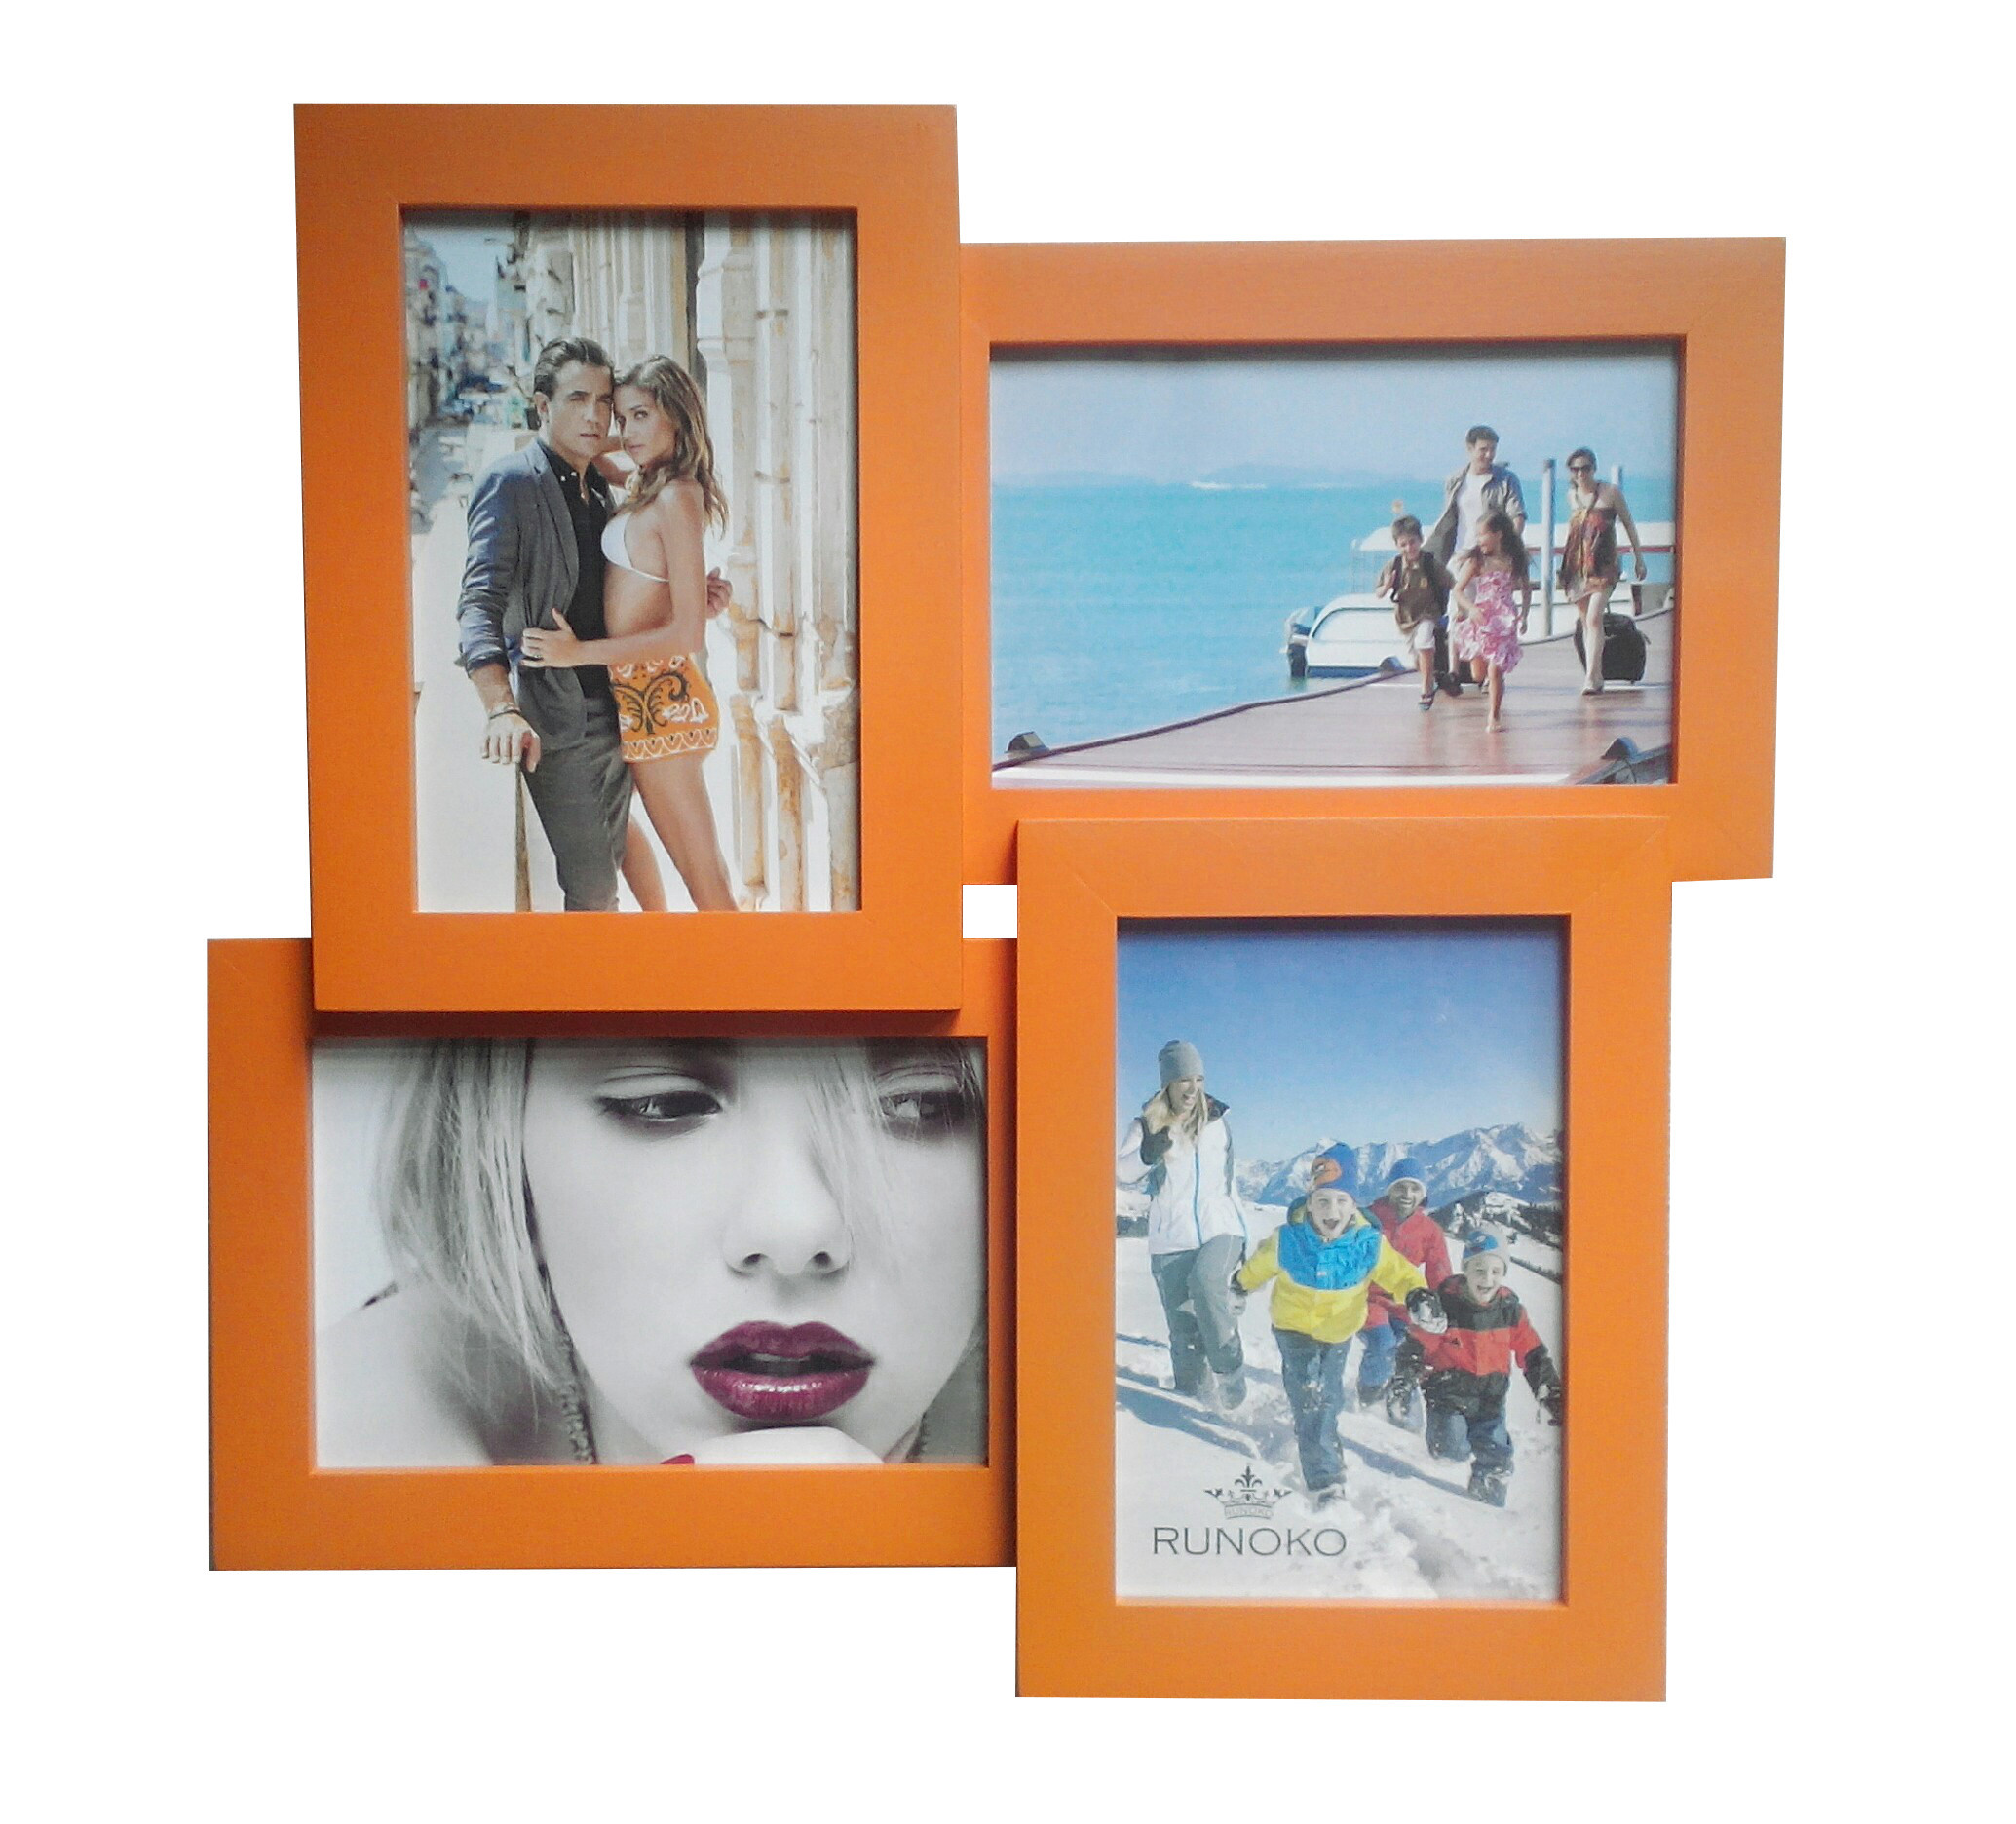 купить рамка для фото на стену на несколько фотографий Нова Ушиця